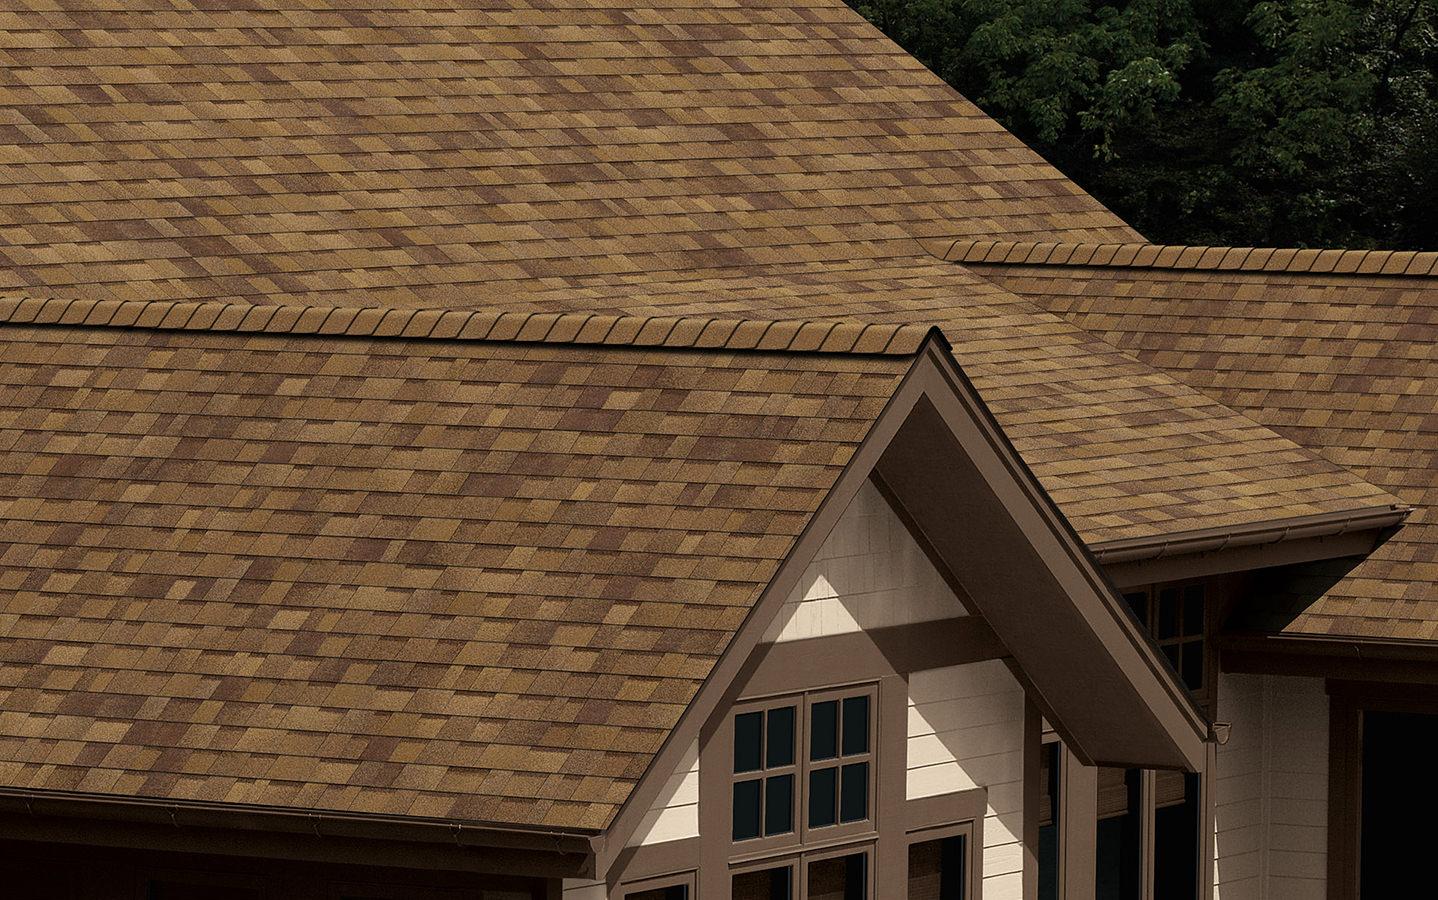 Na dachu widoczny gont marki Owens Corning z linii TruDefinition Duration w kolorze Desert Tan